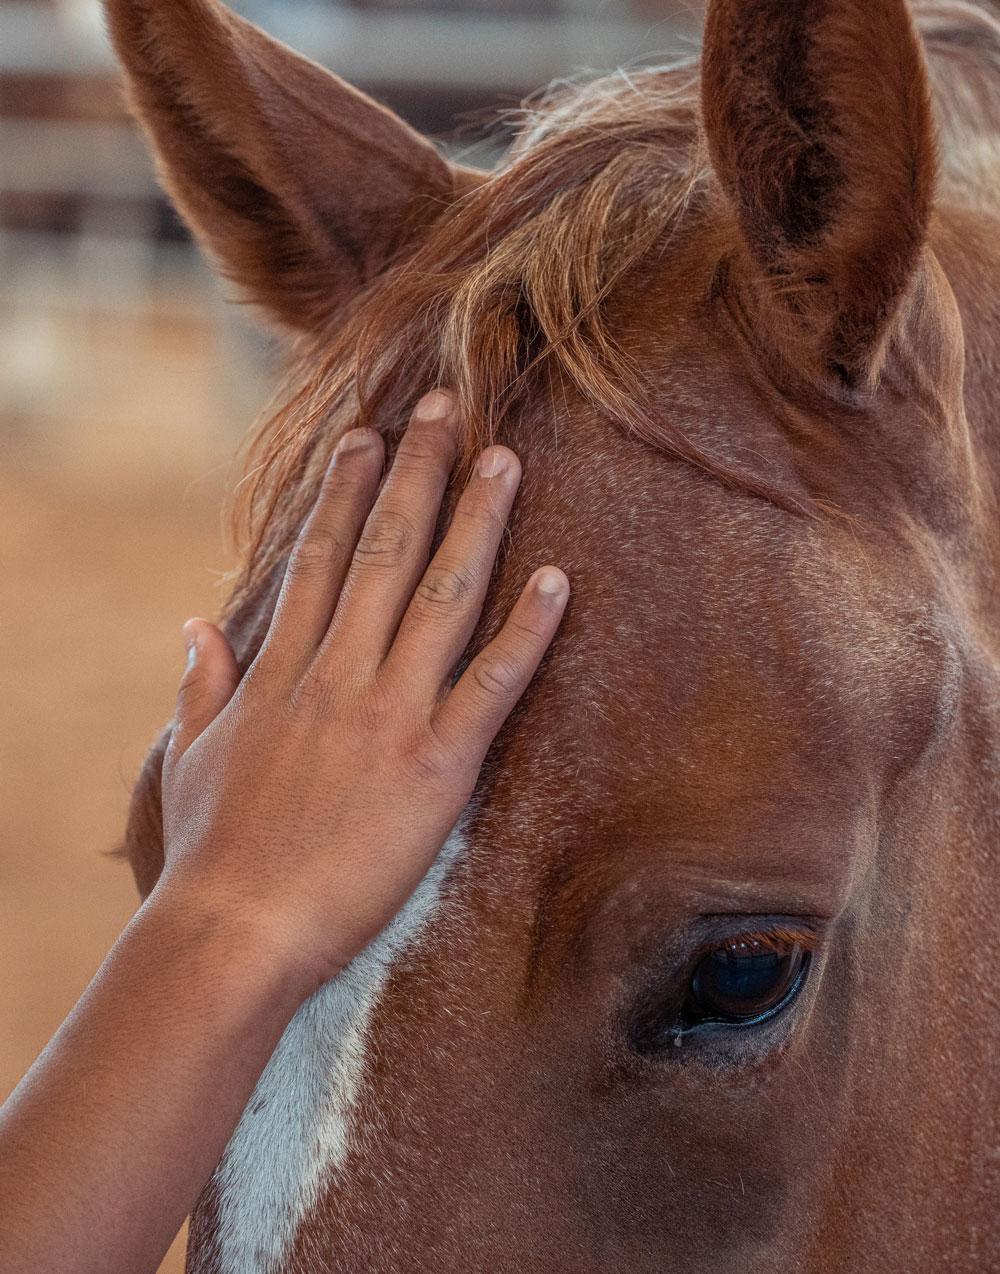 Hand-On-Horse oxbow academy